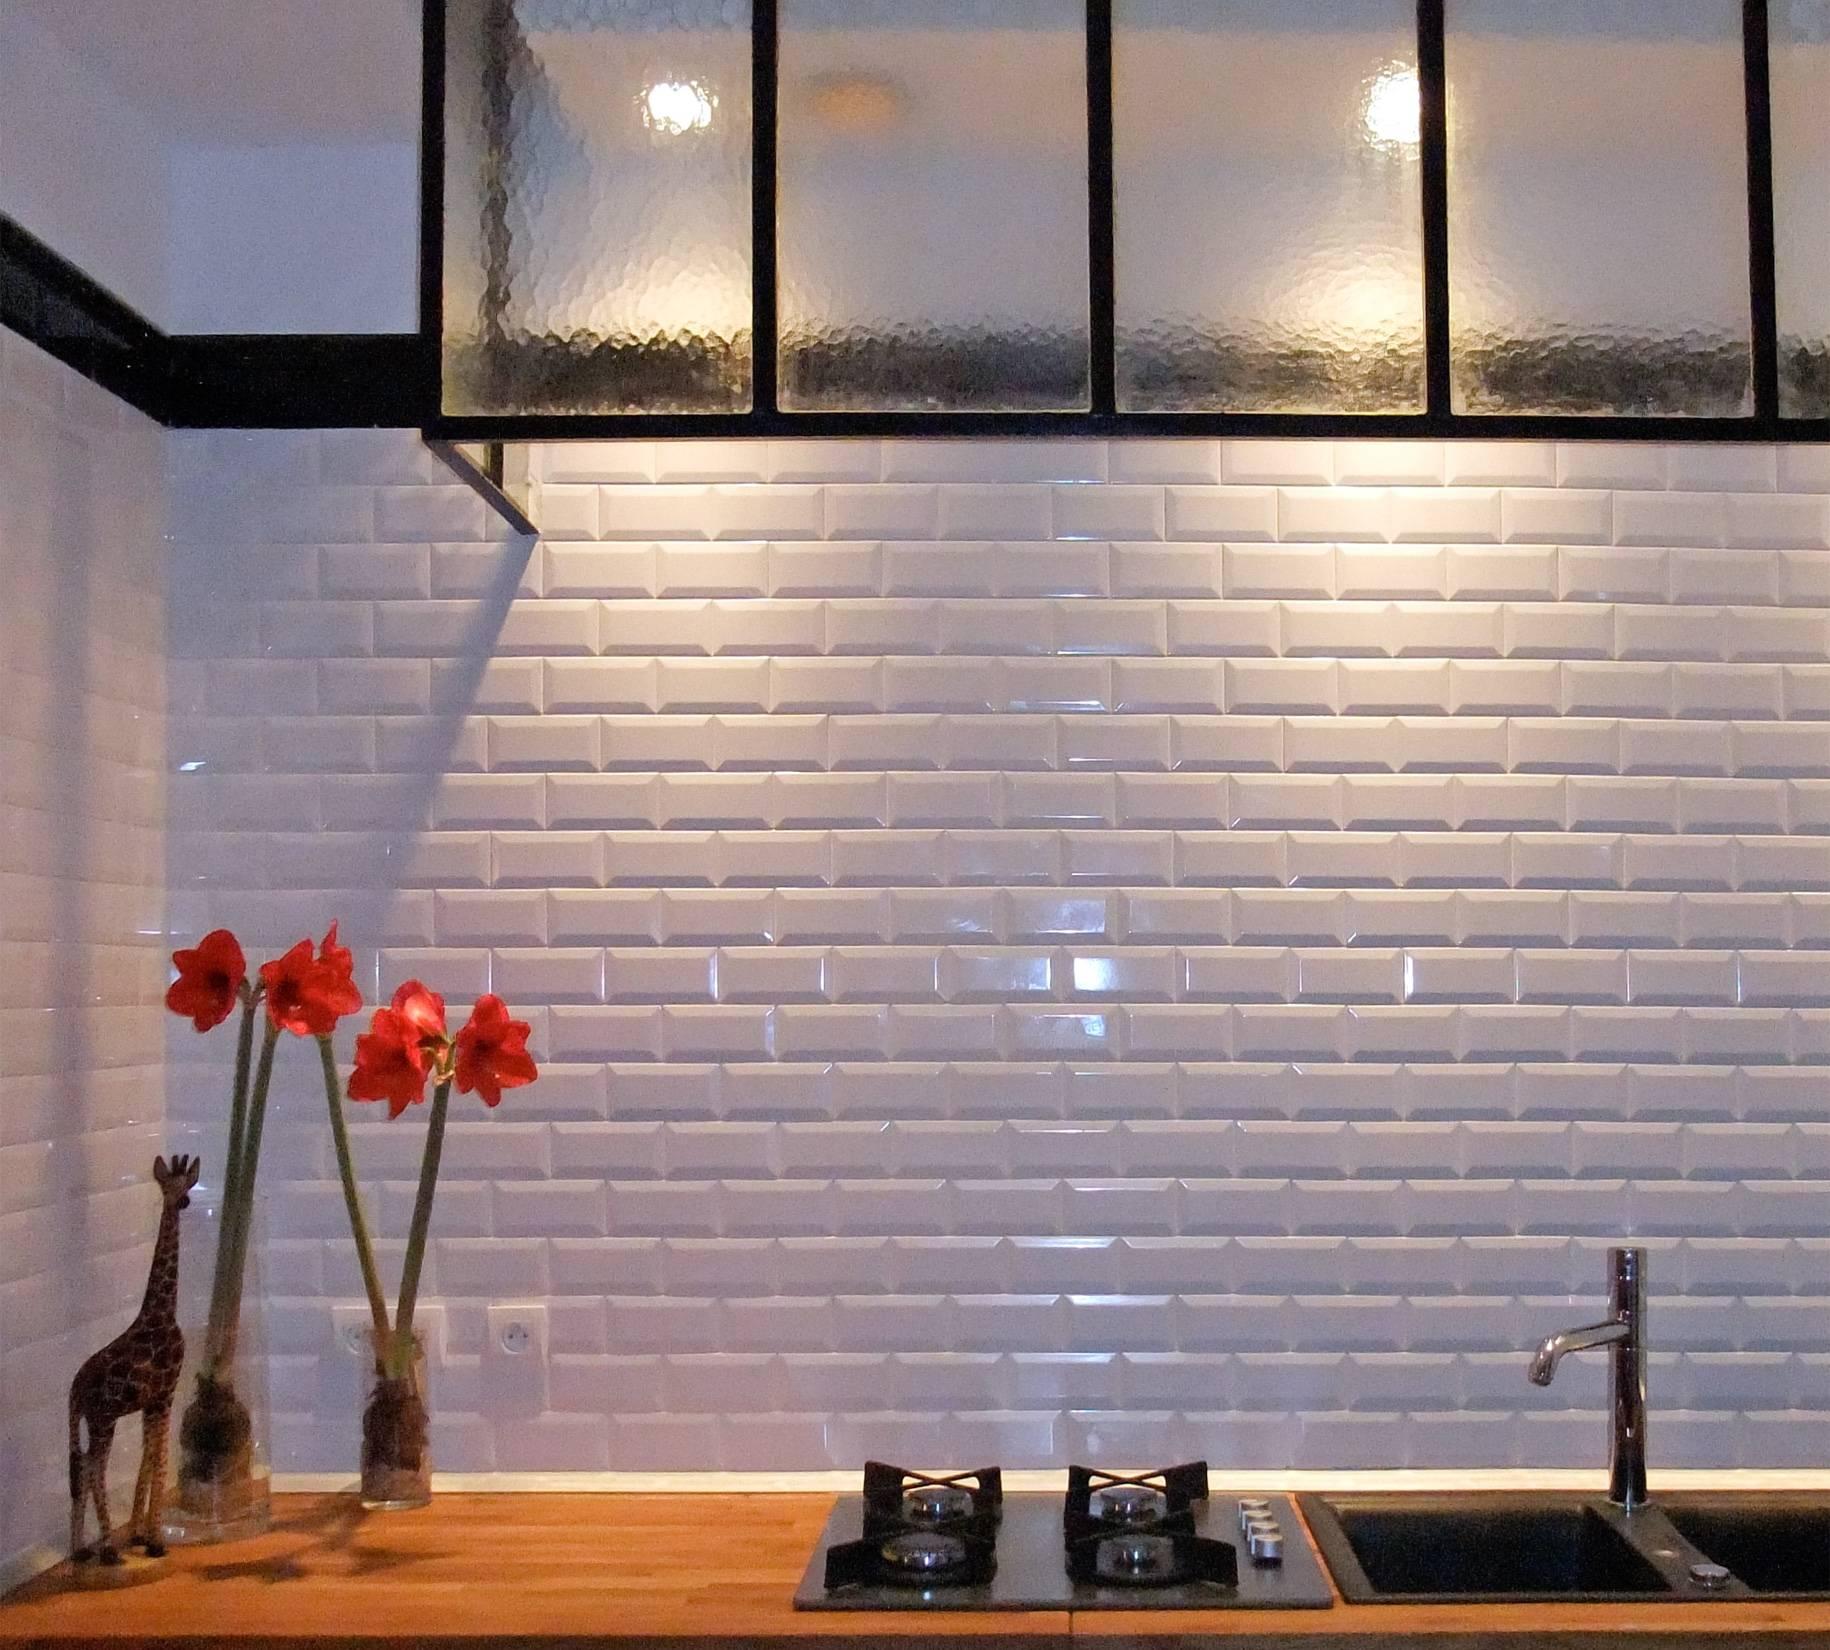 Creation De Credence De Cuisine Avec Carreaux De Ciment Nice Diffusion Ceramique